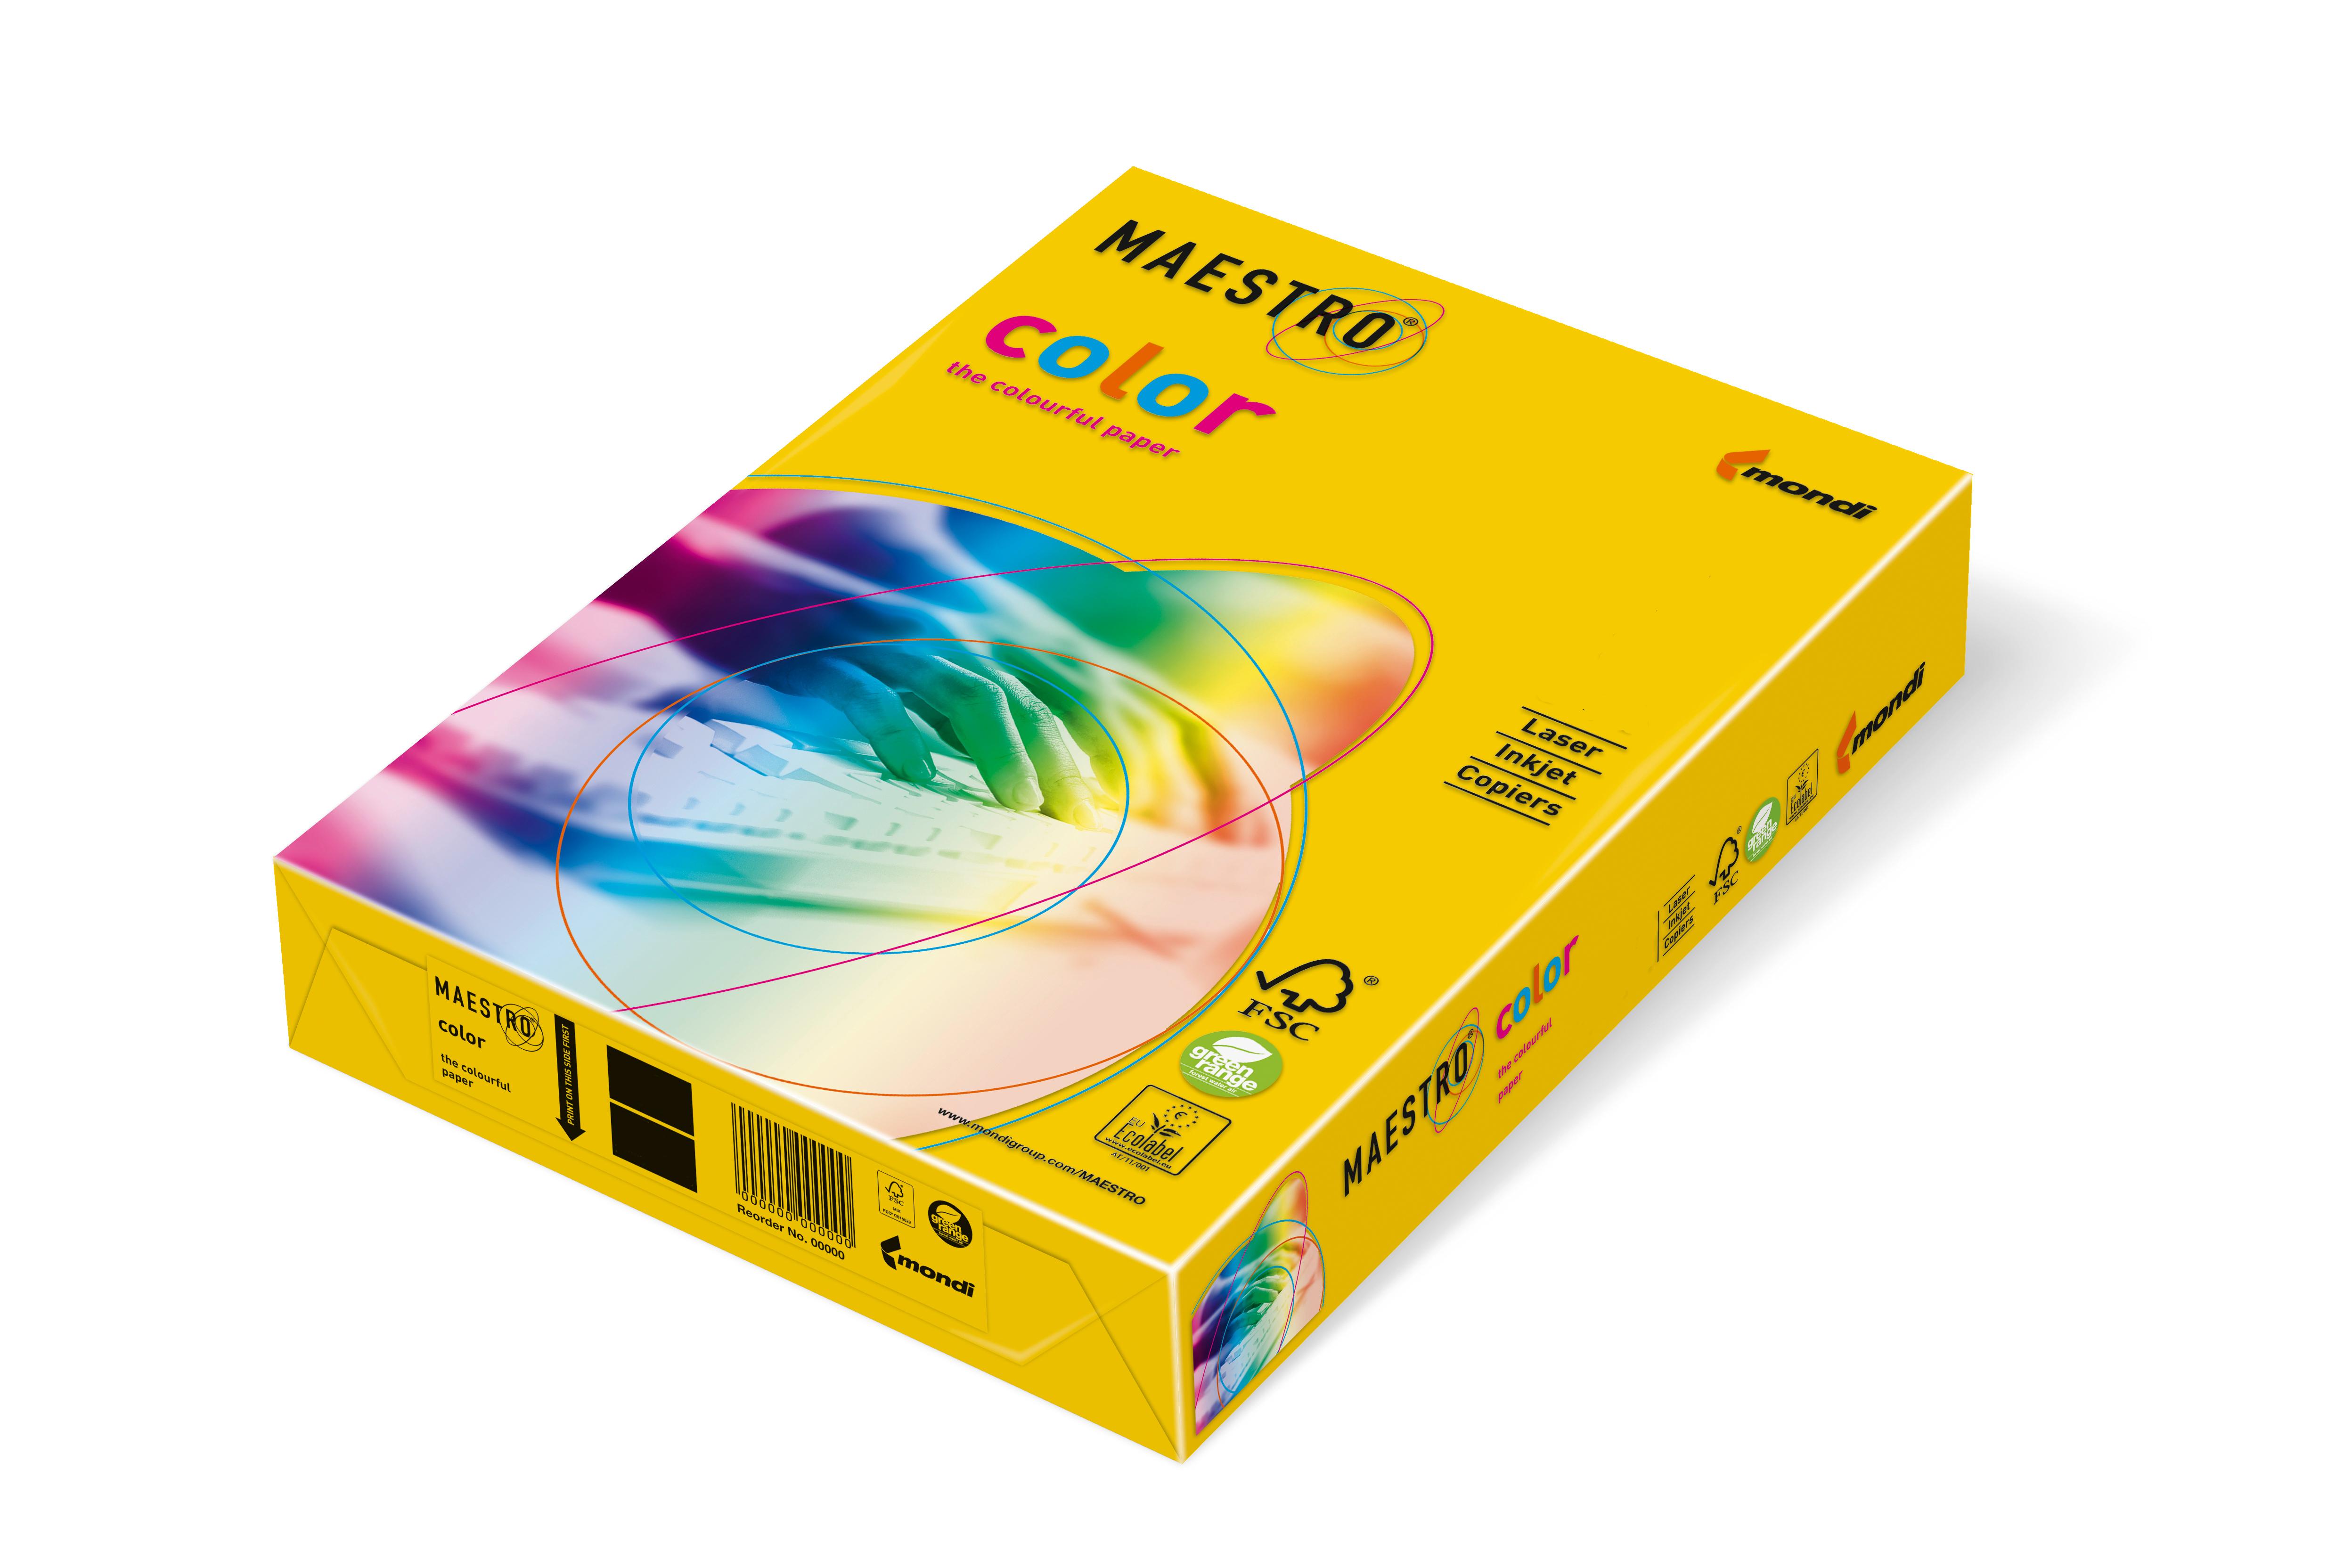 Vorschau: Mondi Maestro Color intensivgelb 120g/m² DIN-A4 - 250 Blatt IG50